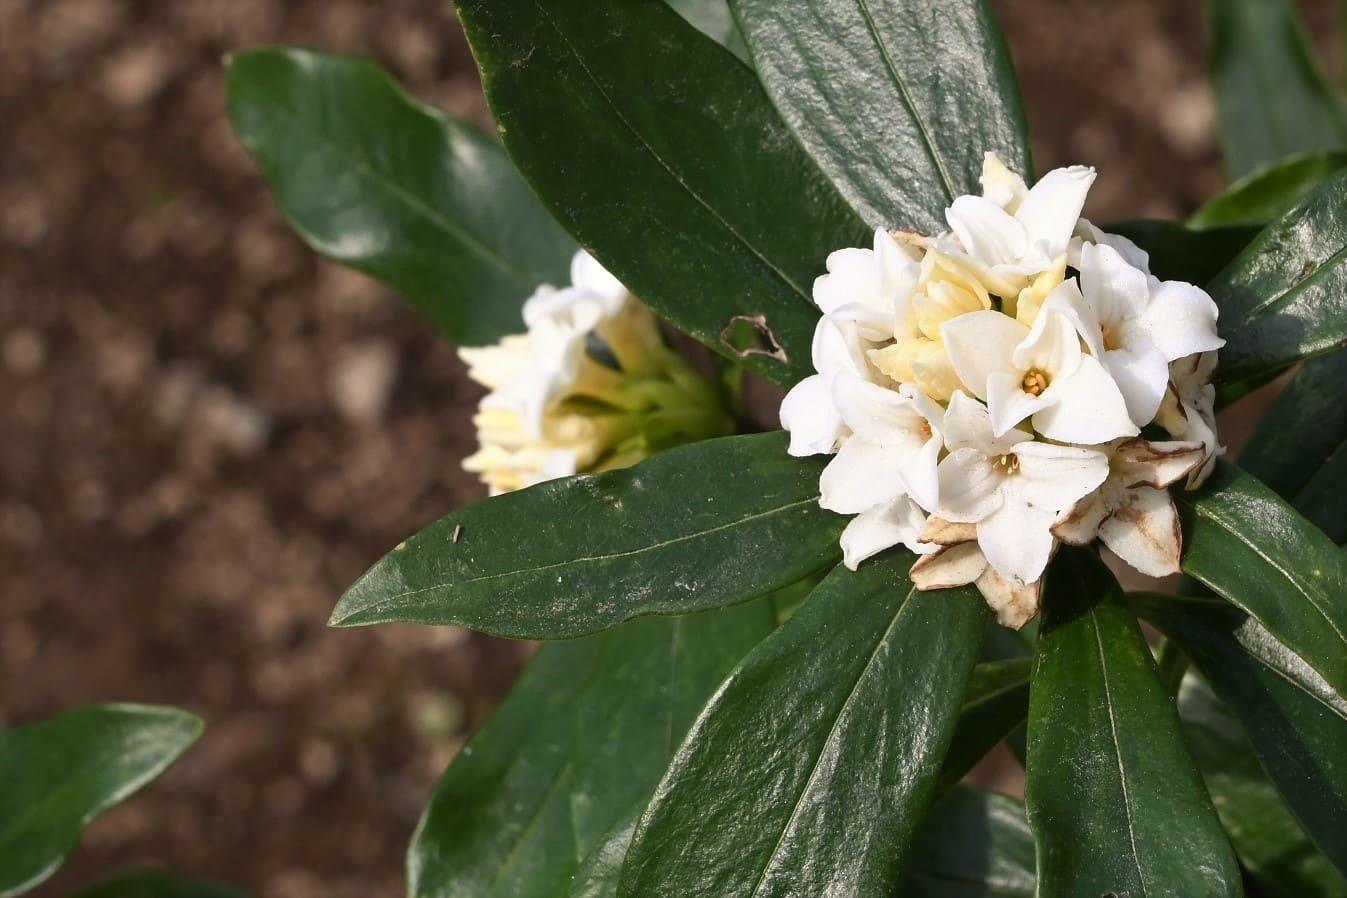 沈丁花,じんちょうげ,白花,画像